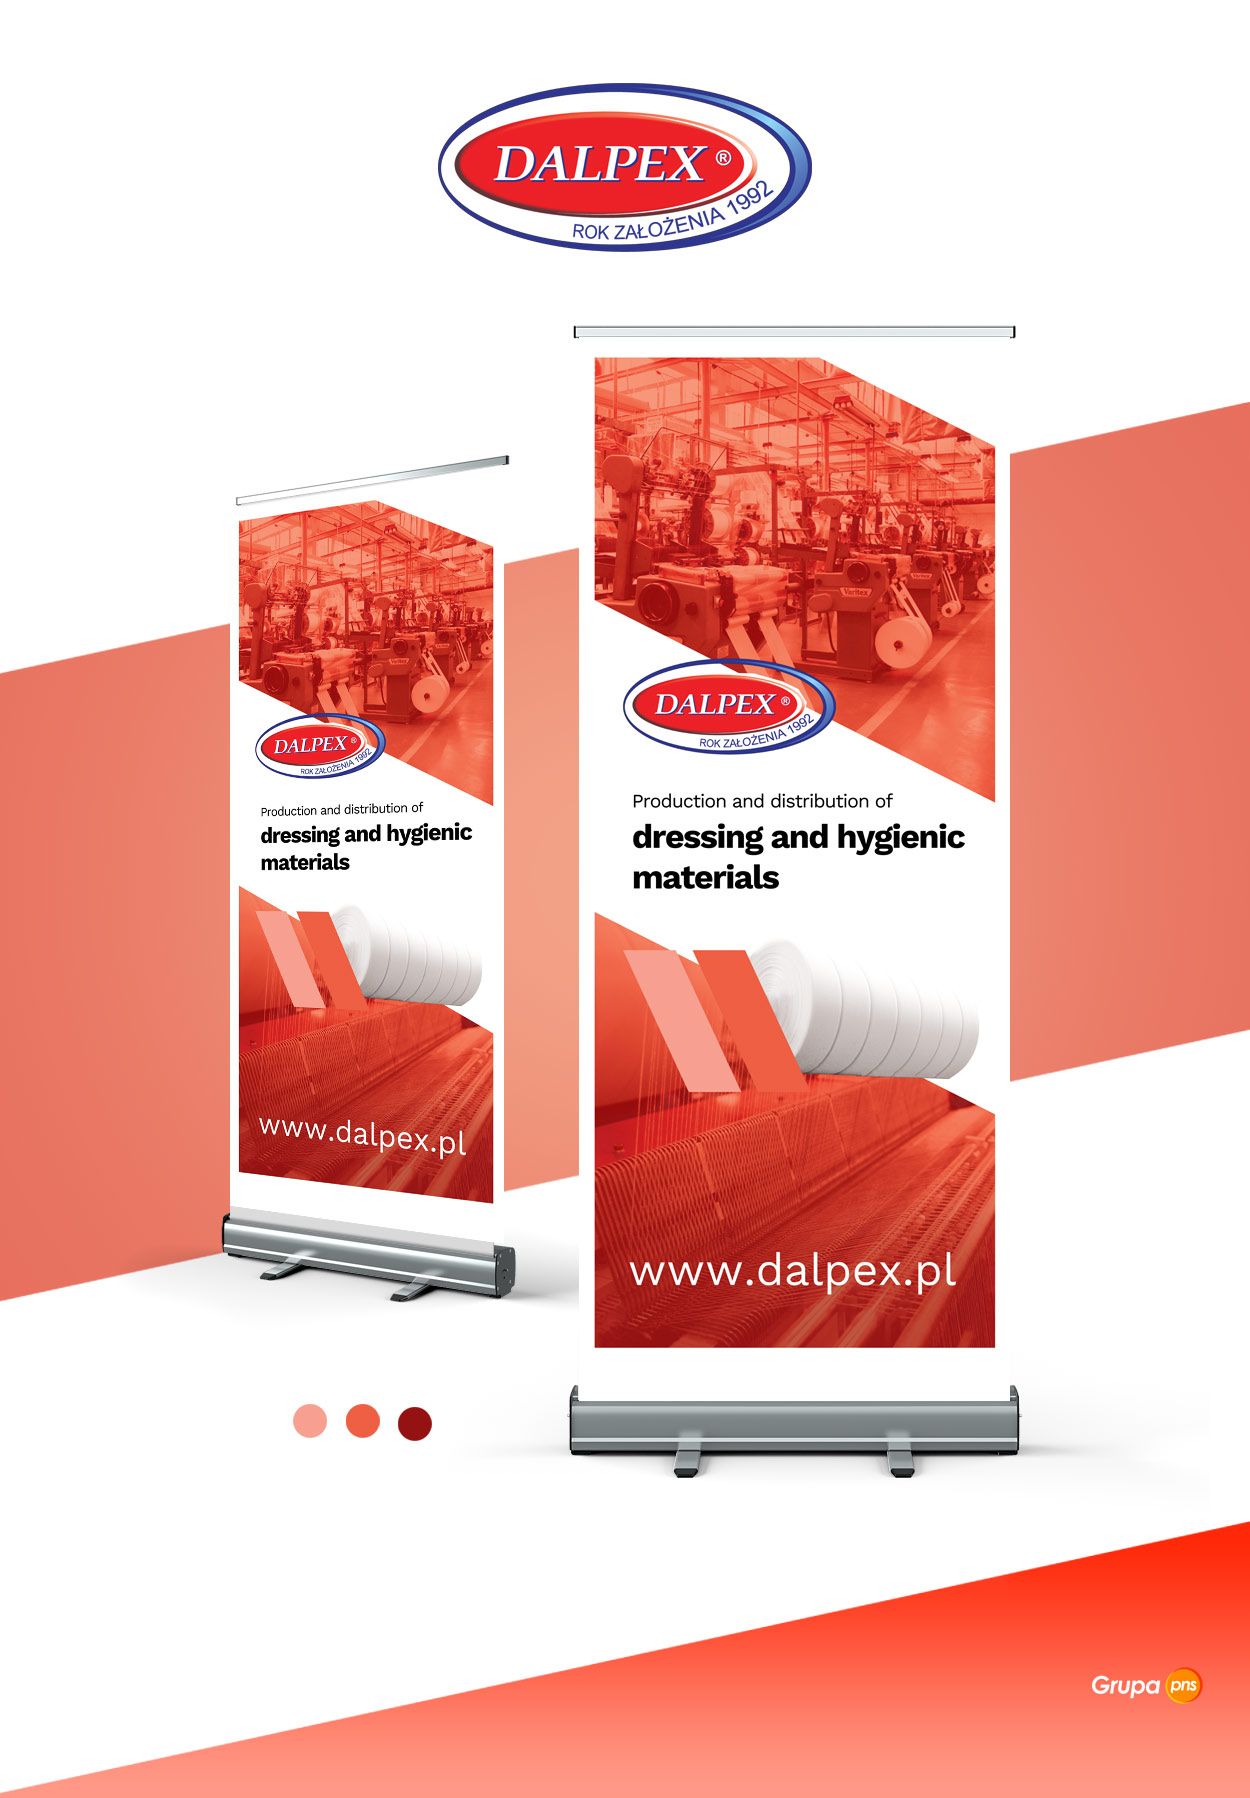 projekt-graficzny-rollup-reklamwy-dalpex